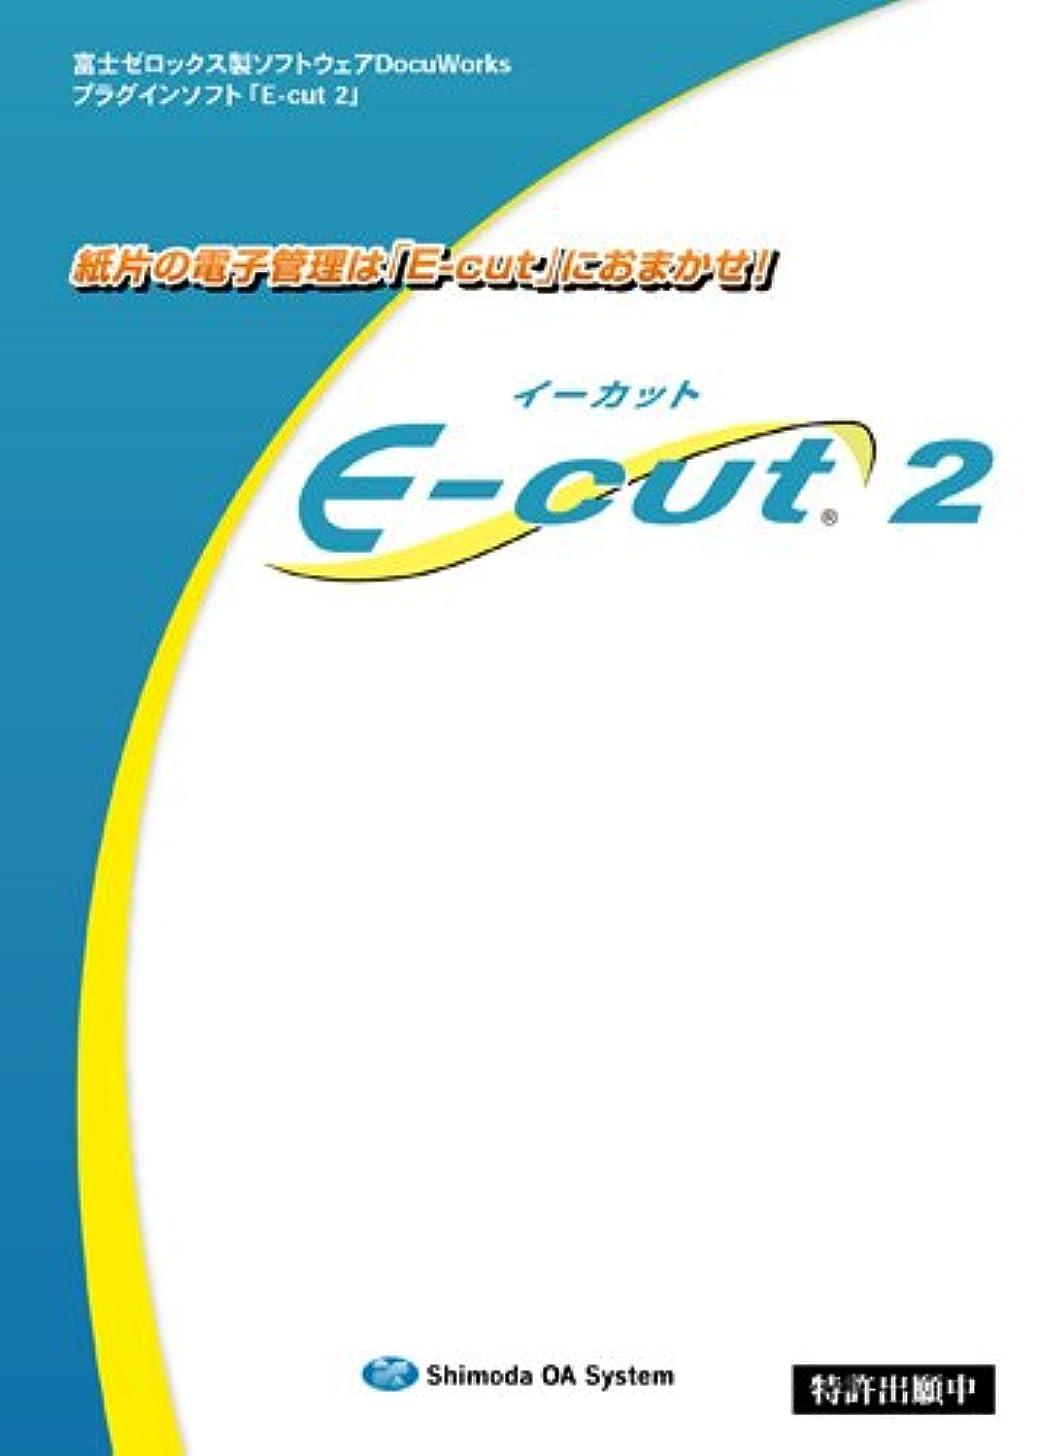 爆風落花生マイクロフォンE-cut2 アップグレード版(イーカット2 アップグレード)5ライセンス 富士ゼロックスDocuworksプラグインソフト